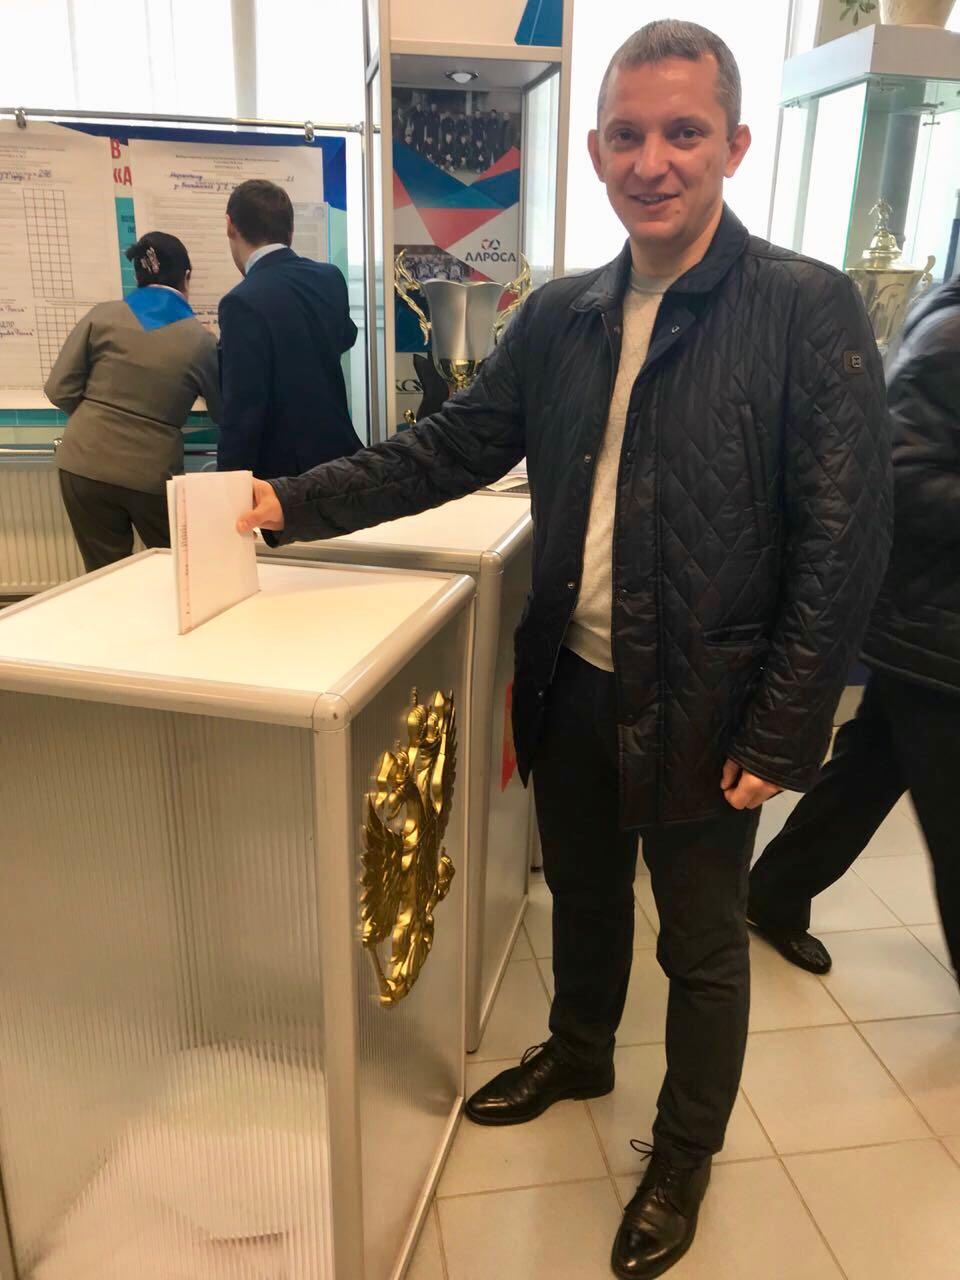 Сергей Андреевский призвал проголосовать за кандидата, которому доверяешь